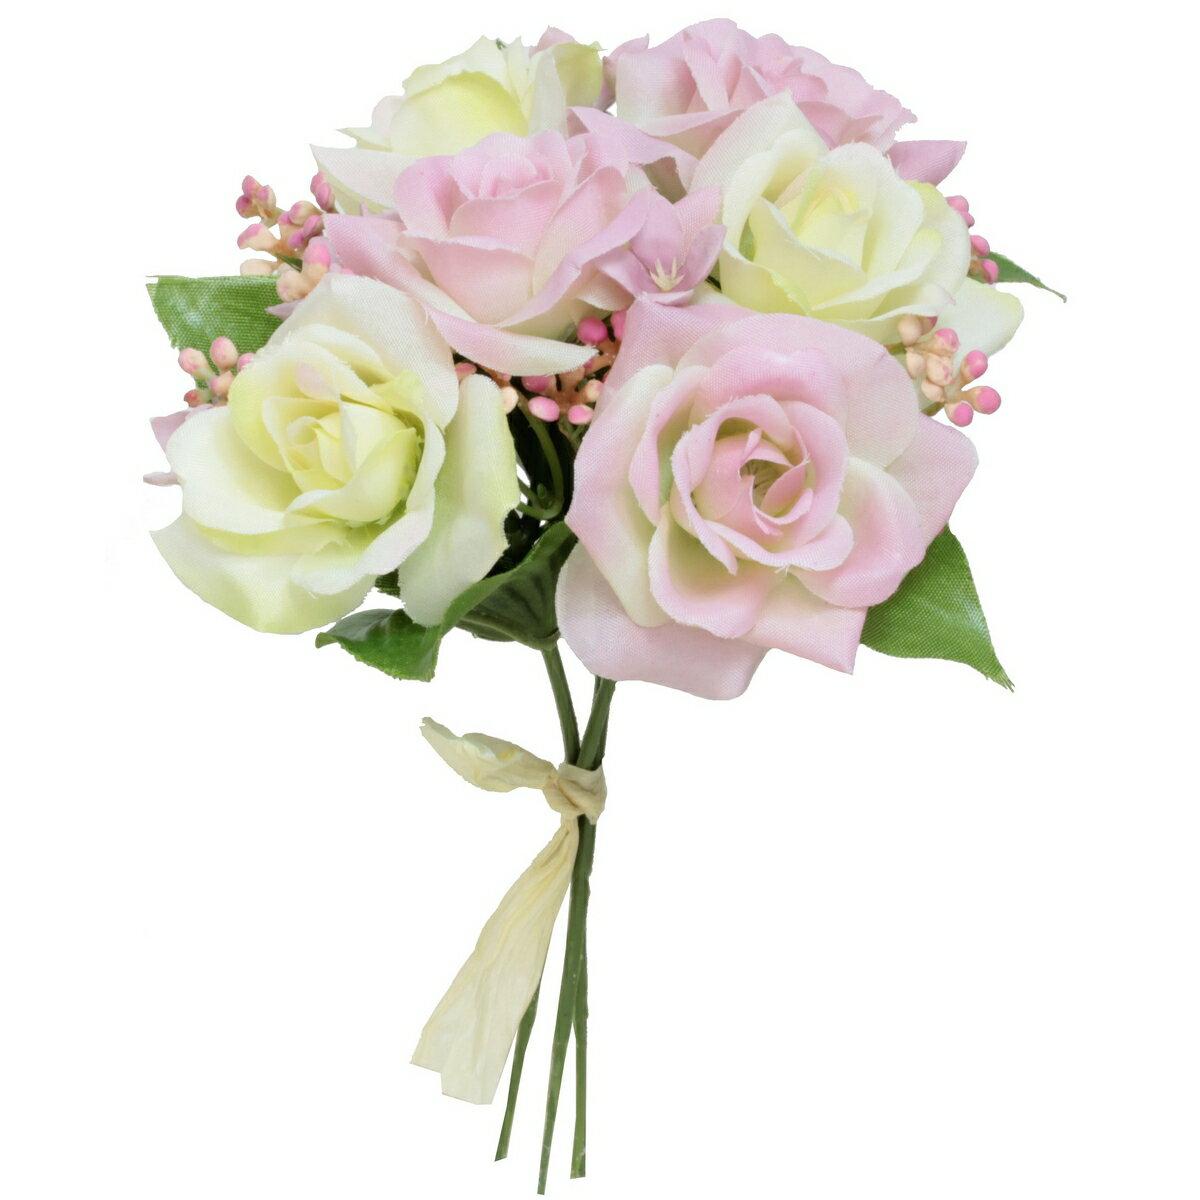 即日 【造花】パレ/ミックスローズバンドル ピンク/P-8302-30|造花 バラ